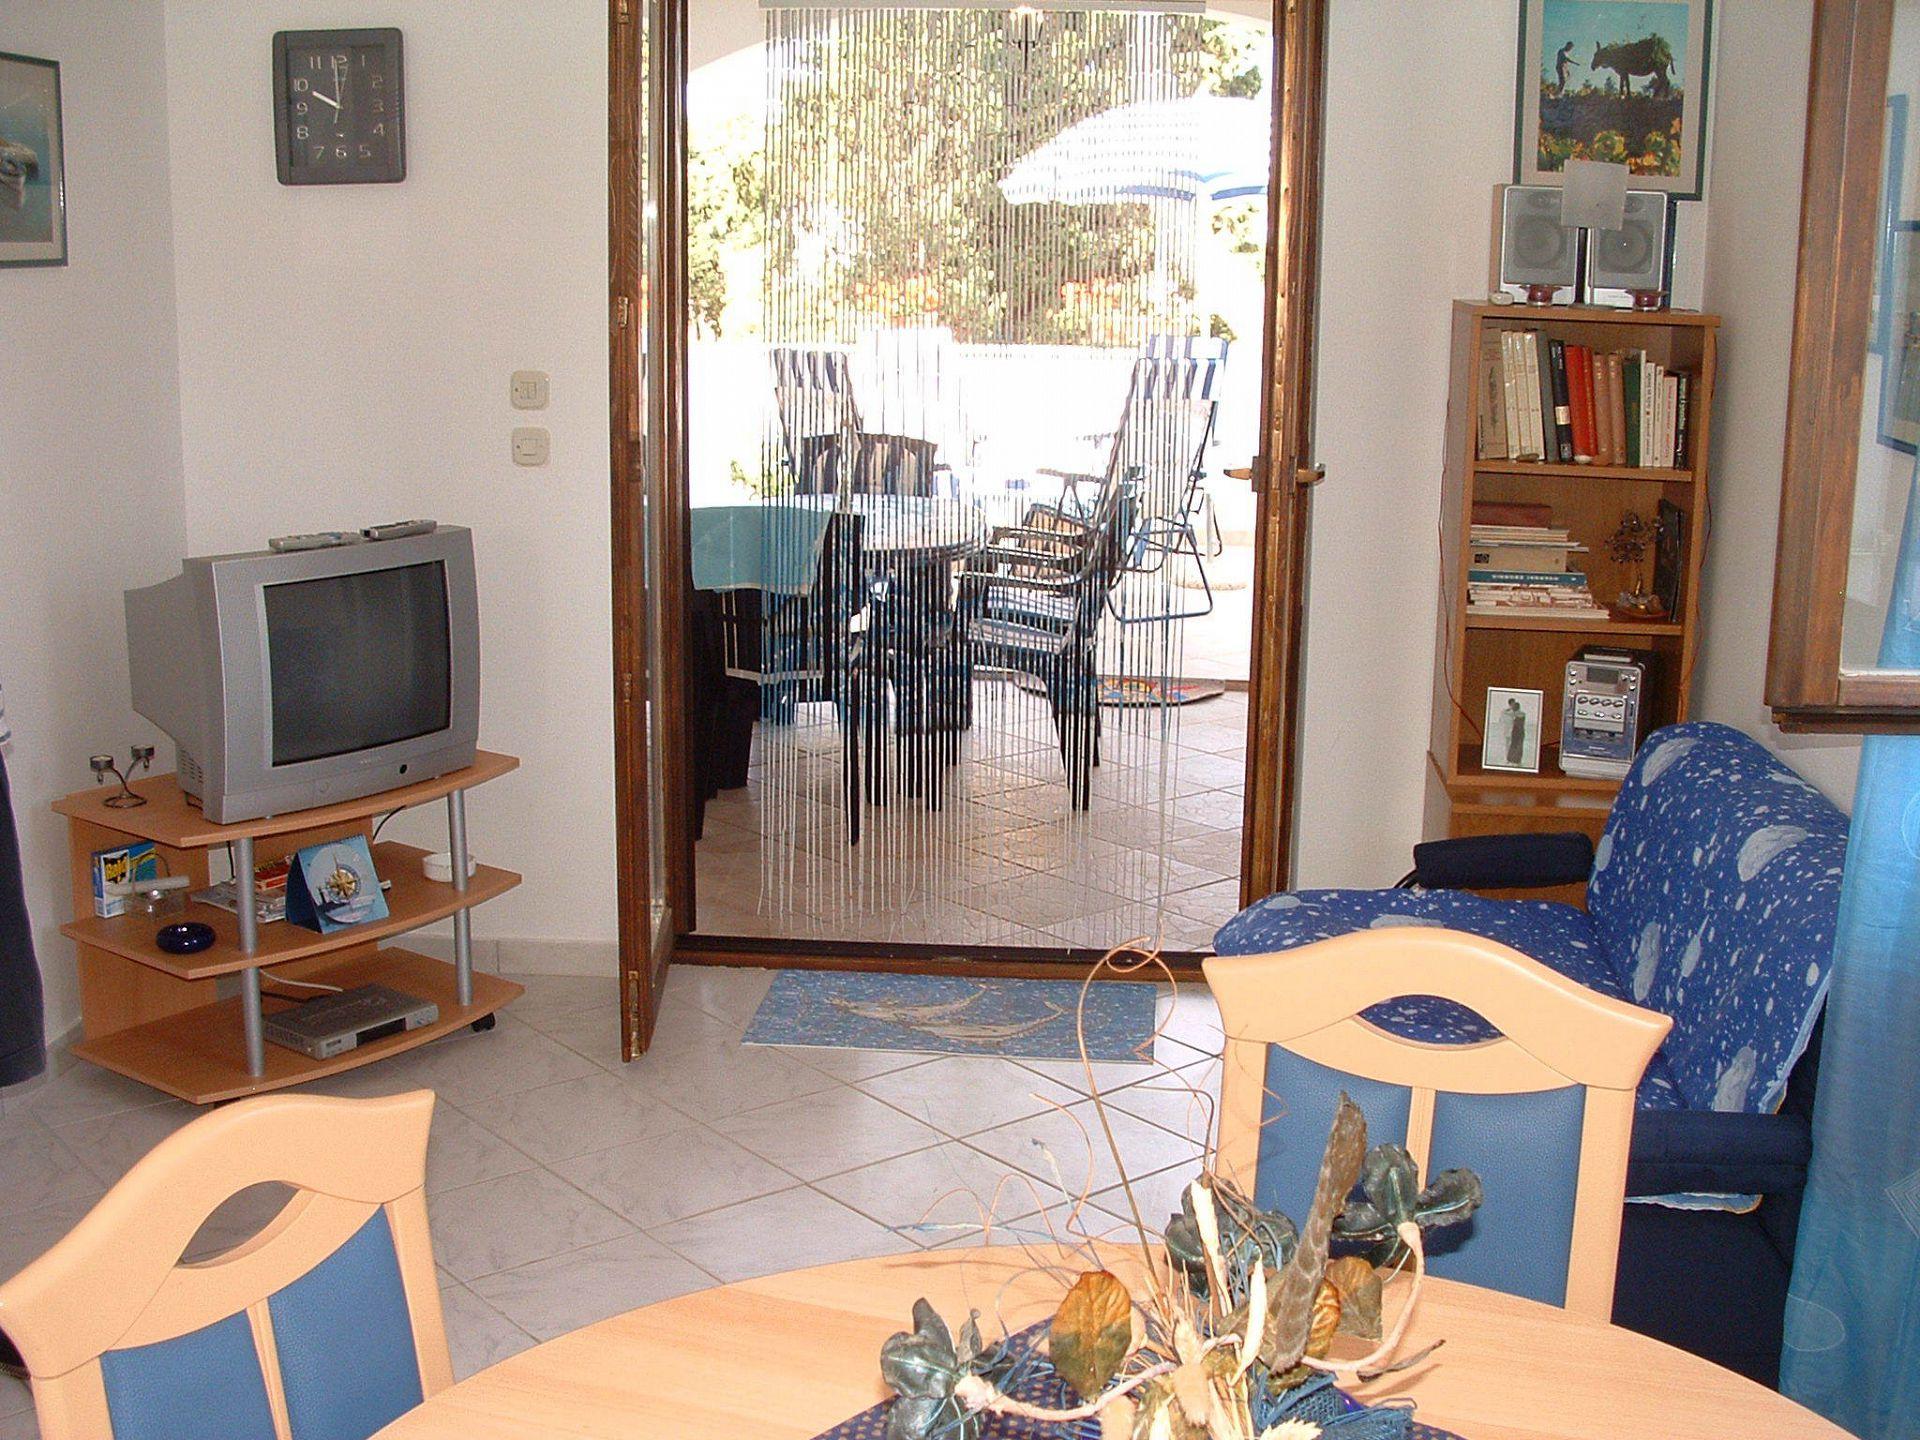 01301MIRC  - Mirca - Appartamenti Croazia - A2(4+1): la sala da pranzo